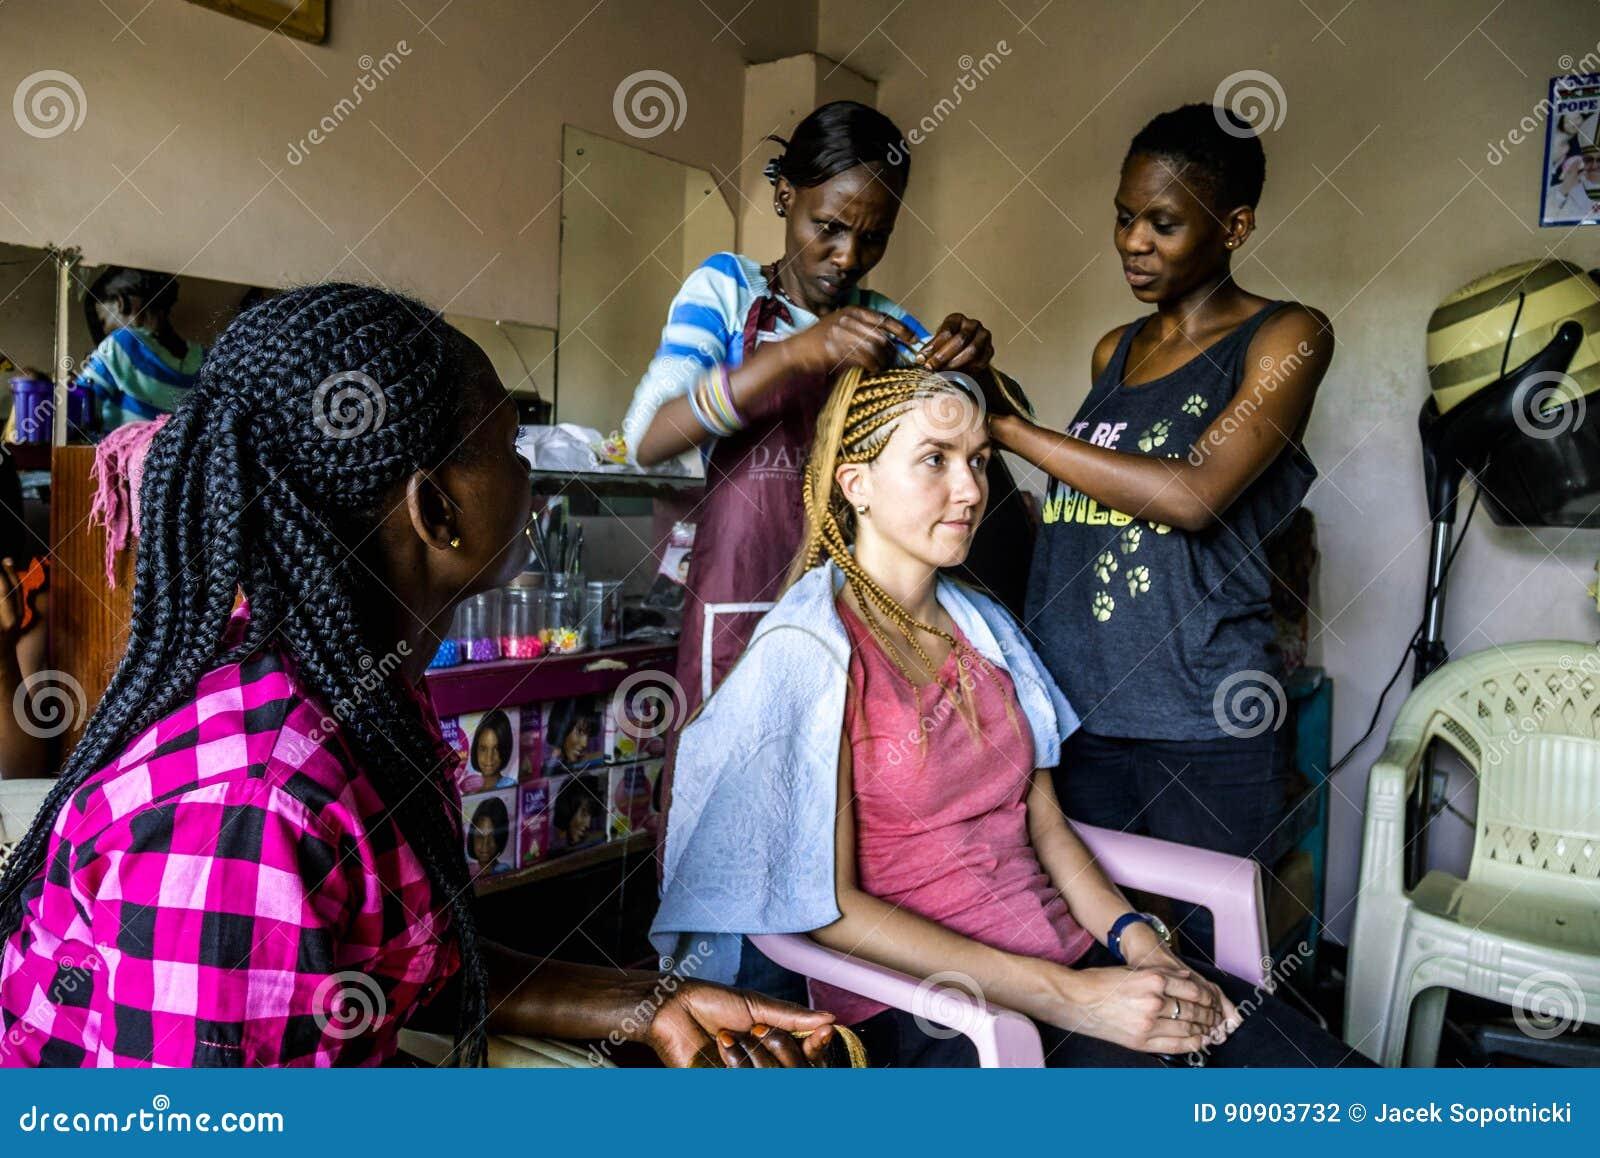 Kenyan Hairstyles Braids By Eva Nairobi Kenya: Braiding In Hairdresser Salon In Nairobi, Kenya Editorial